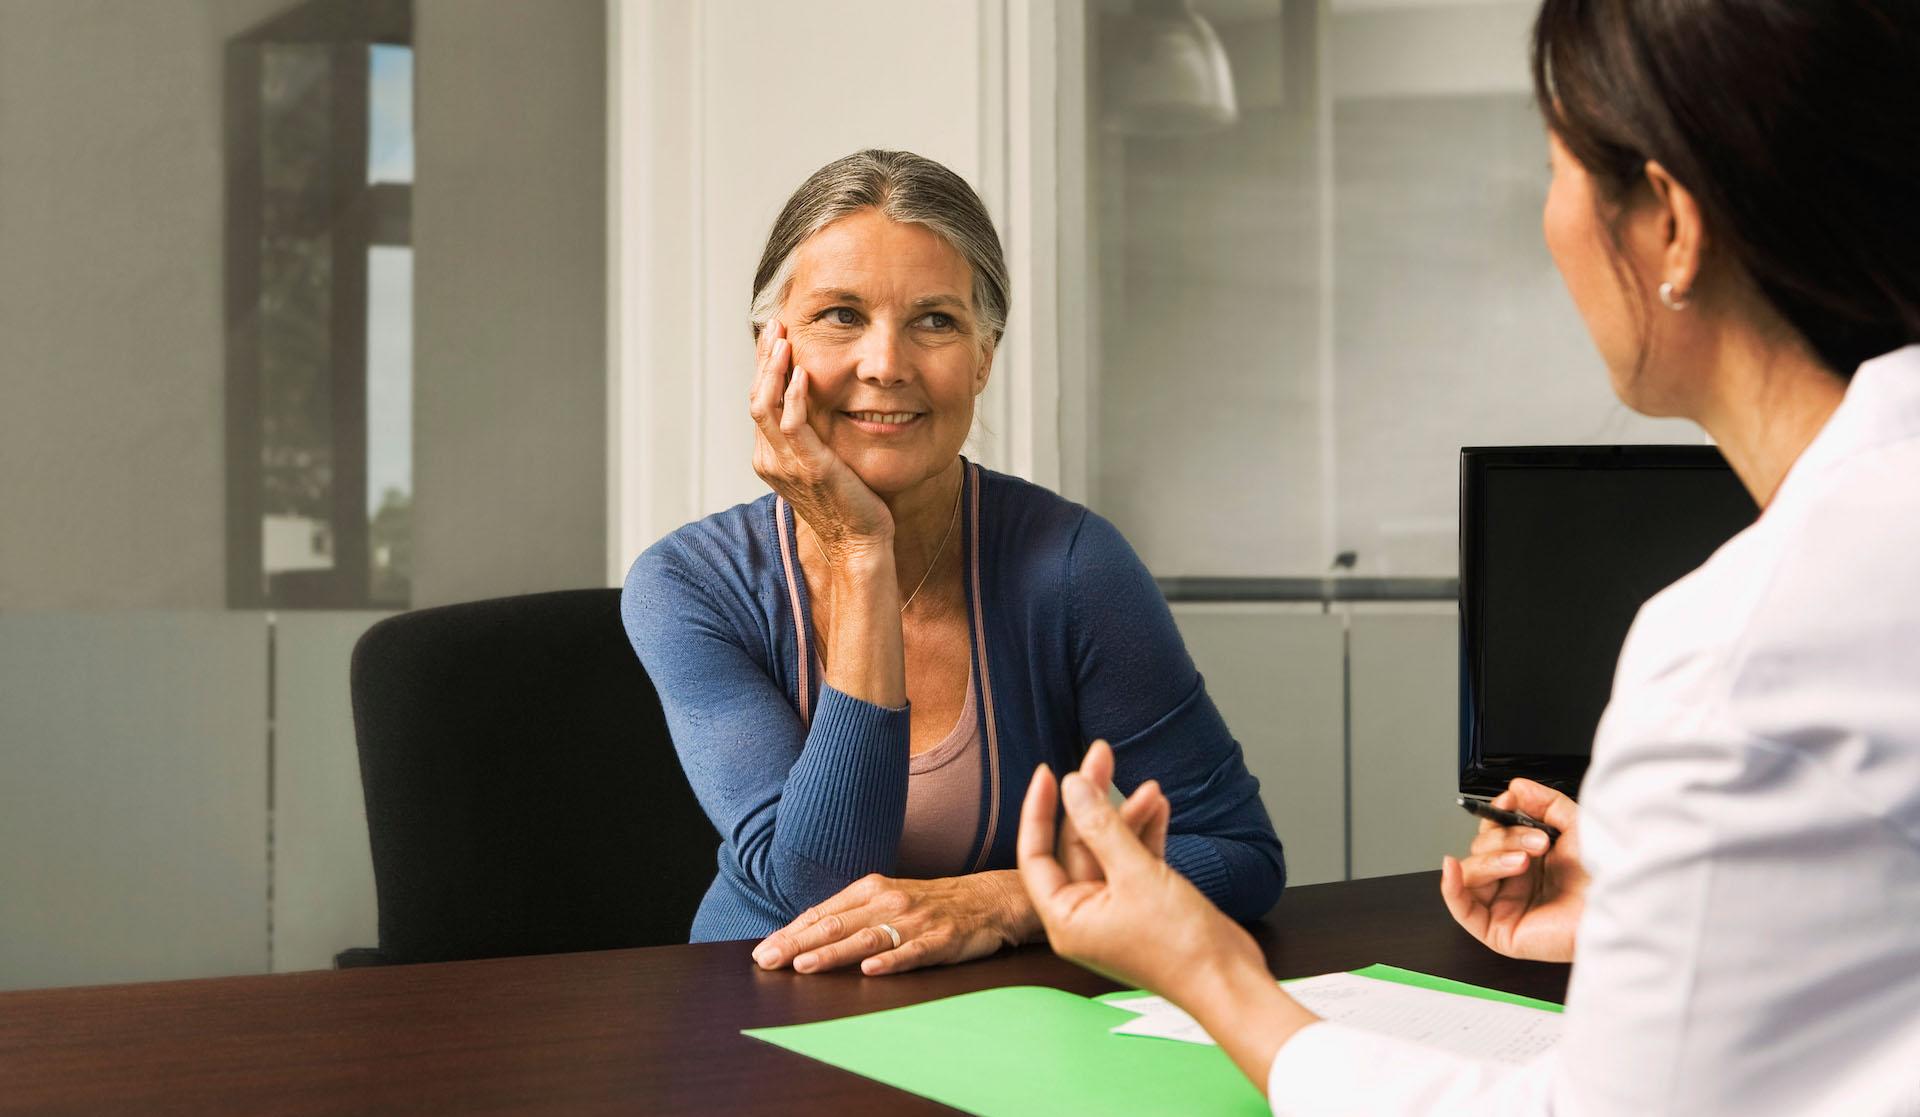 Qualità della vita per i pazienti piastrinopenici (TPI): quanto è importante valutarla durante le visite?